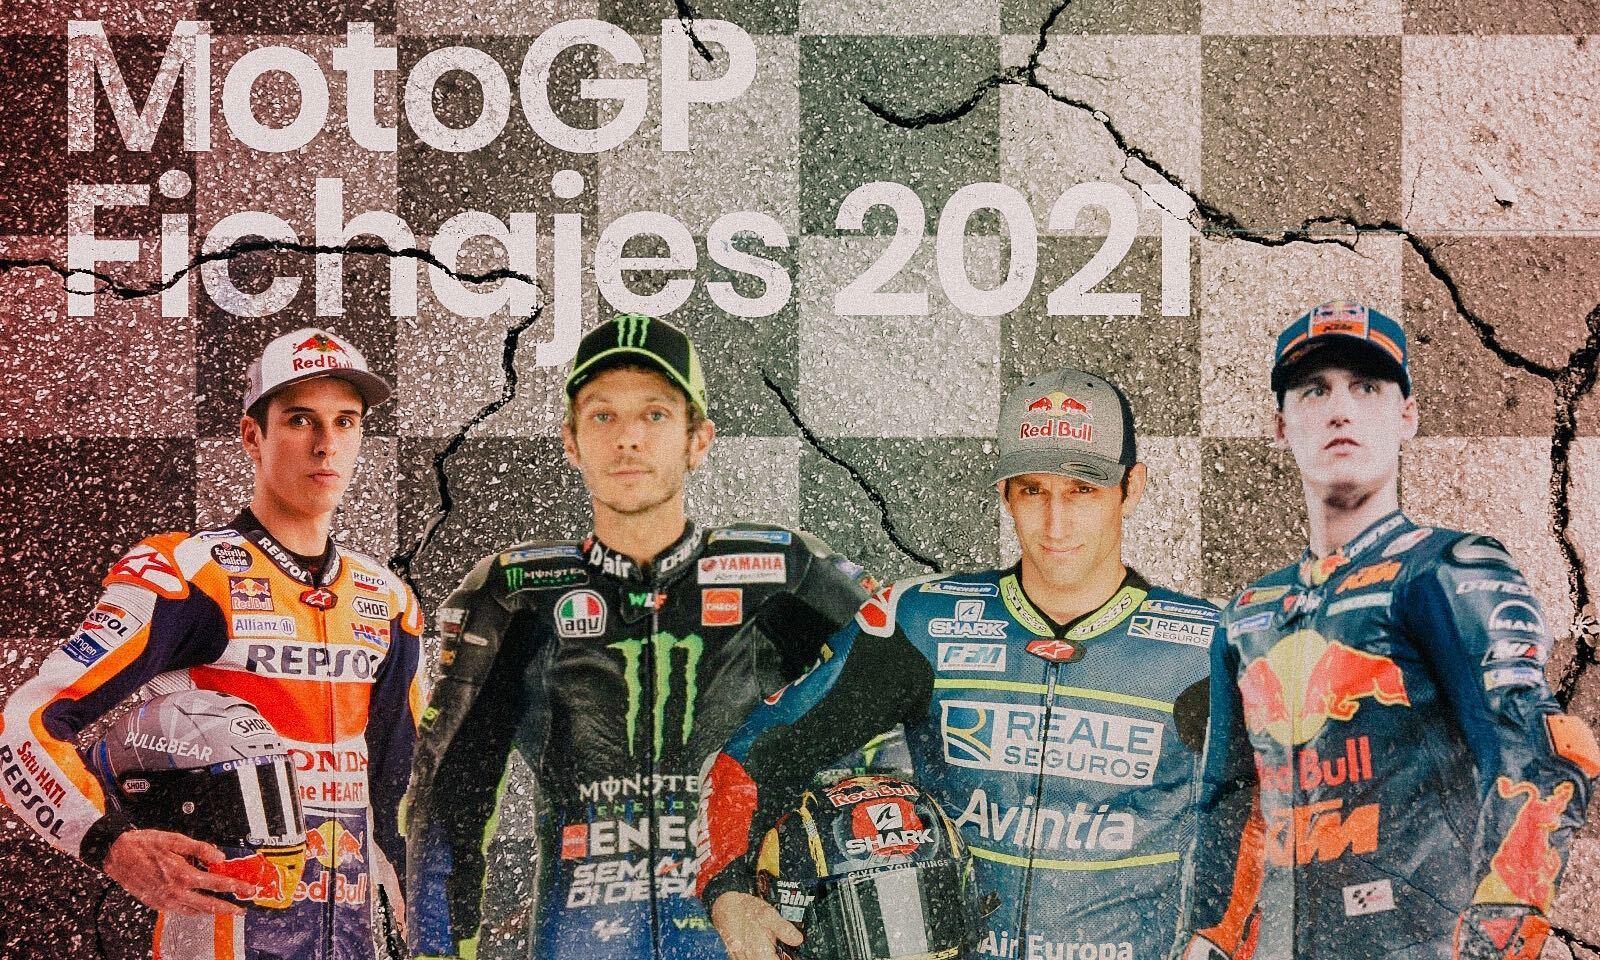 Mercado de fichajes para 2021 en MotoGP, Moto2, Moto3 y Superbike